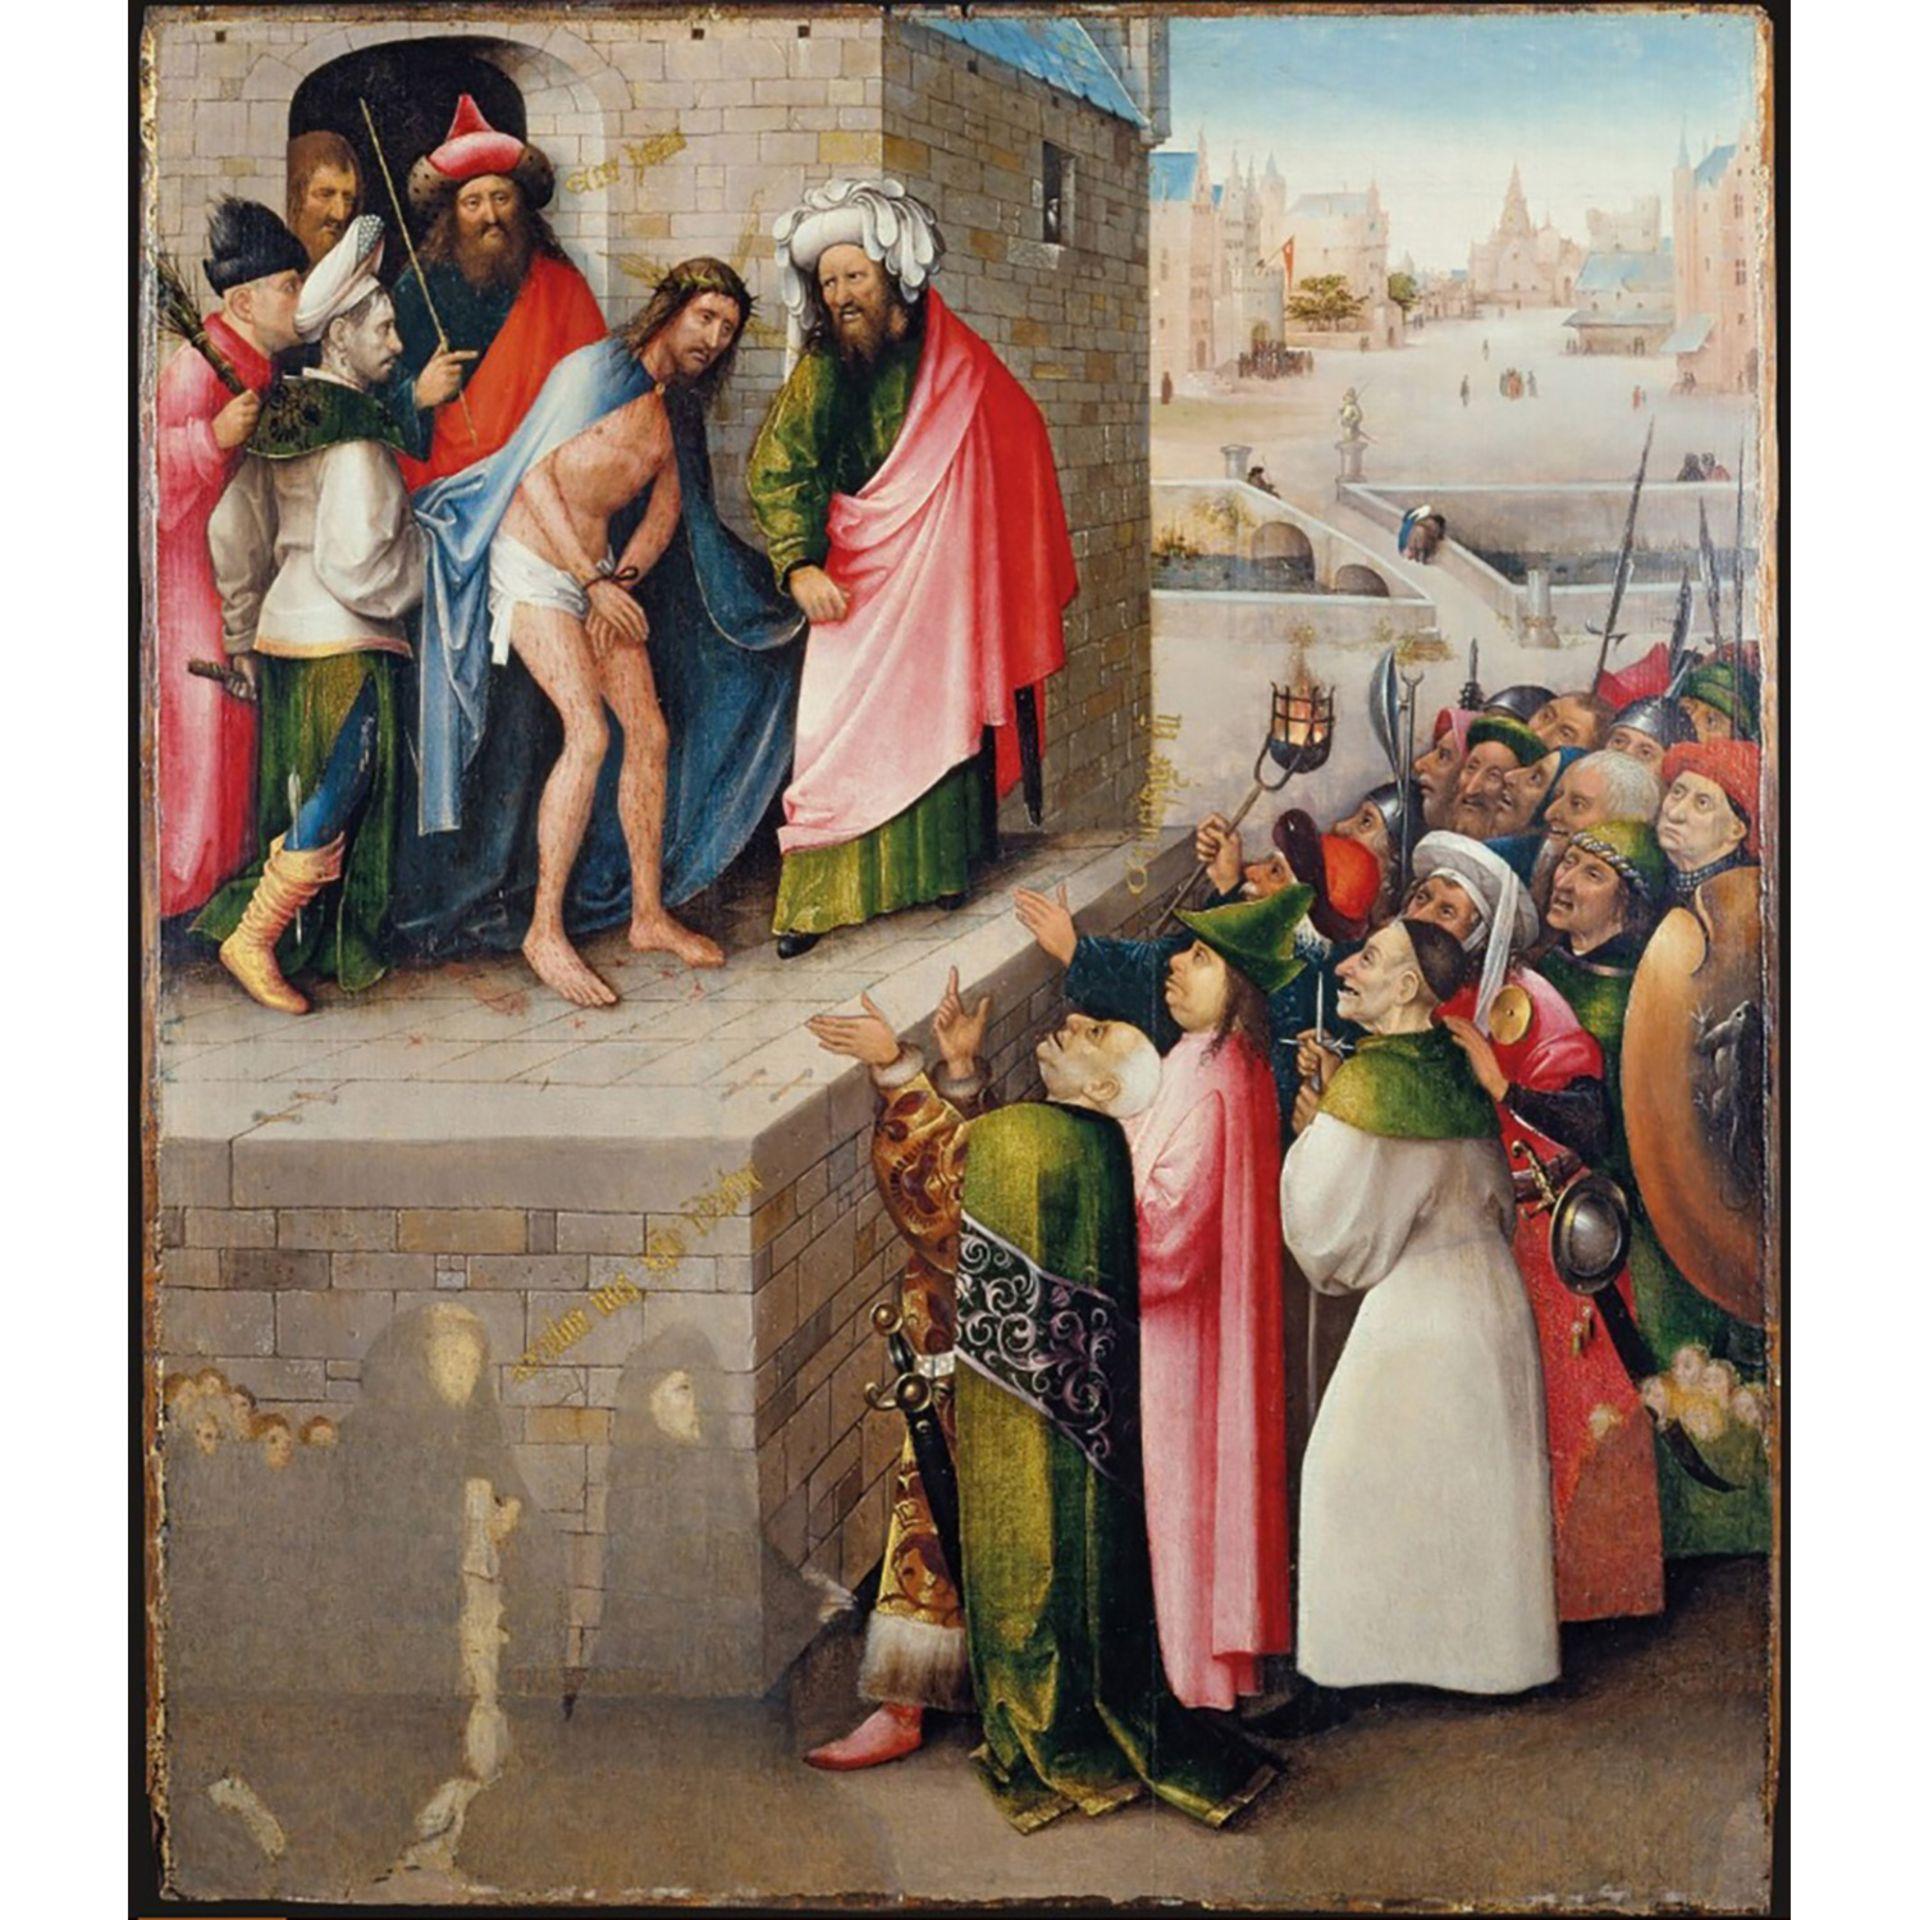 MAÎTRE DU TRIPTYQUE SALOMON (actif en Zélande vers 1520) - Bild 3 aus 3